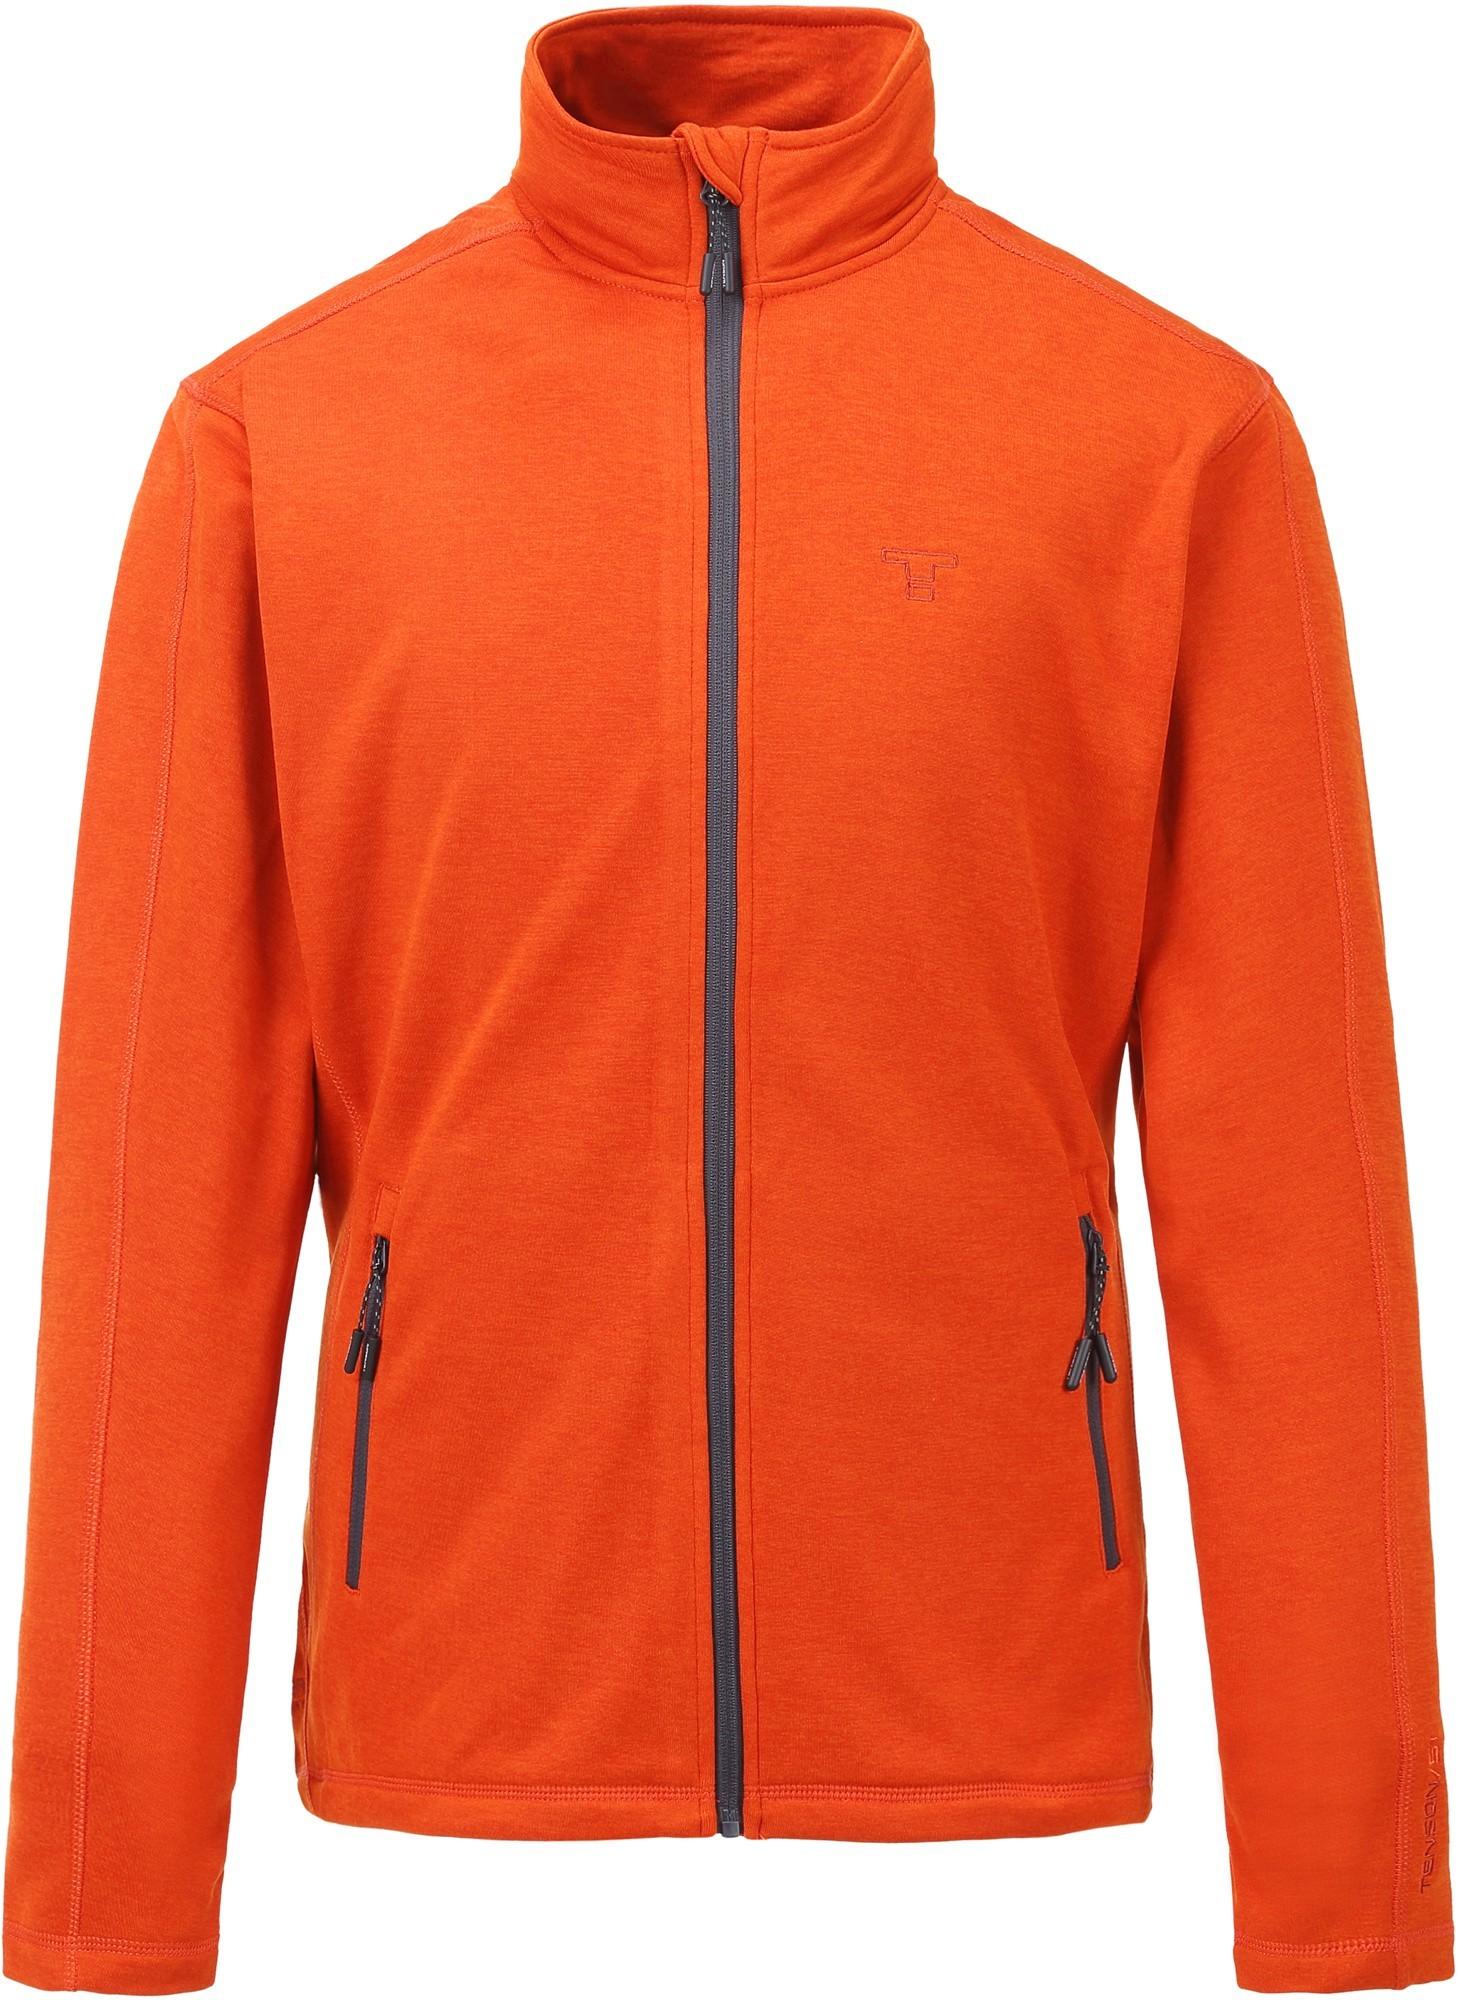 Bluza męska Tenson Lino Fleece, pomarańczowa Orange S